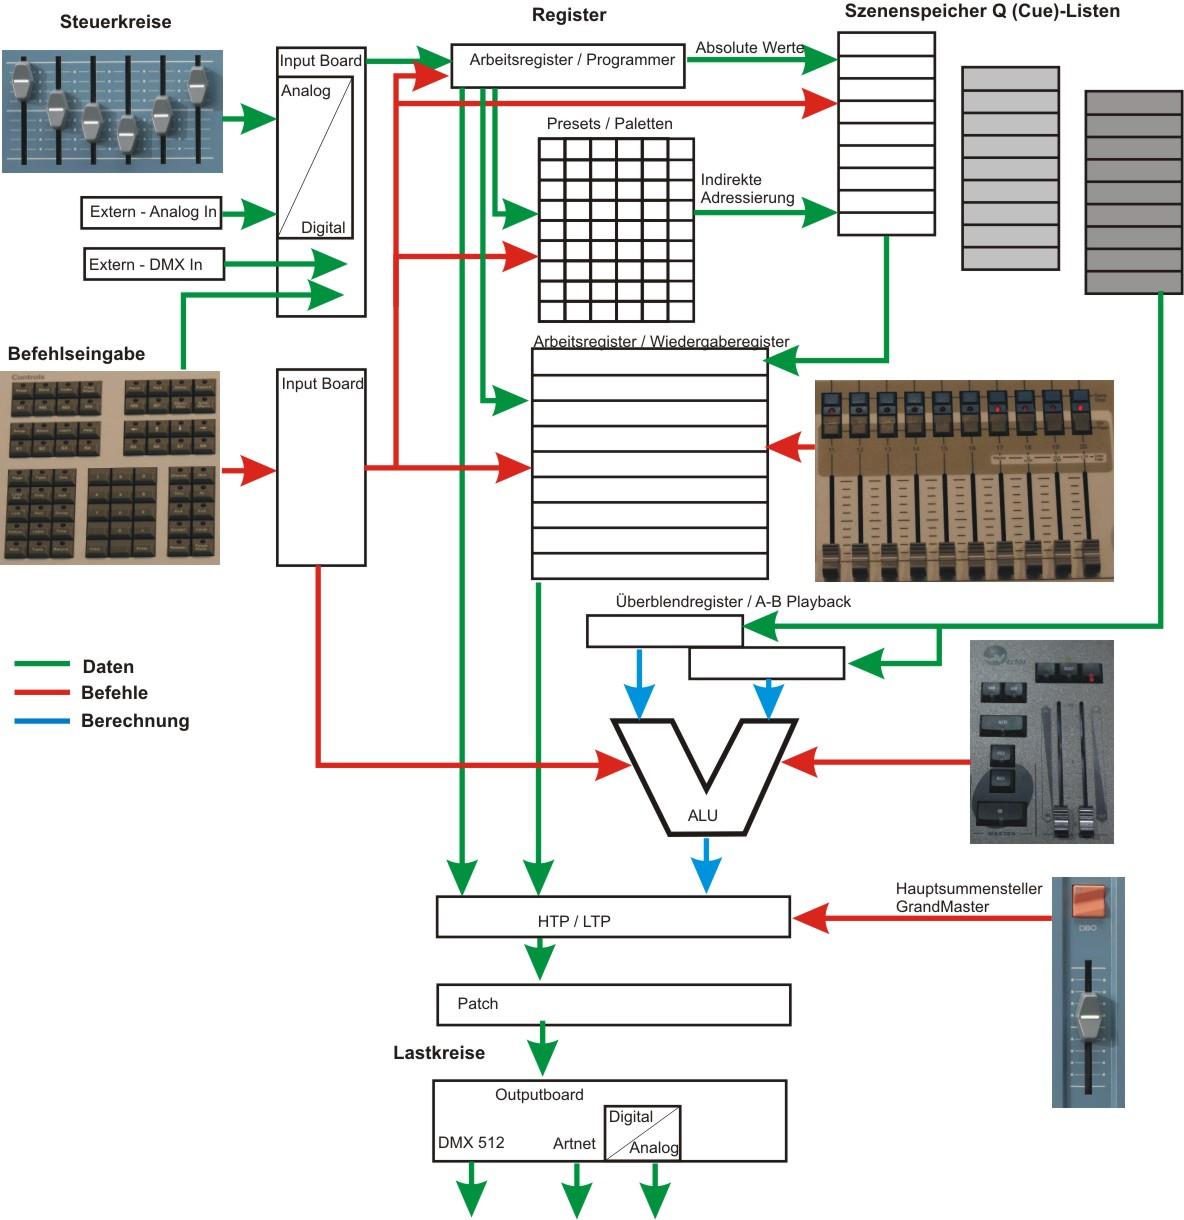 Skizze der Signalwege in einem Speicherpult